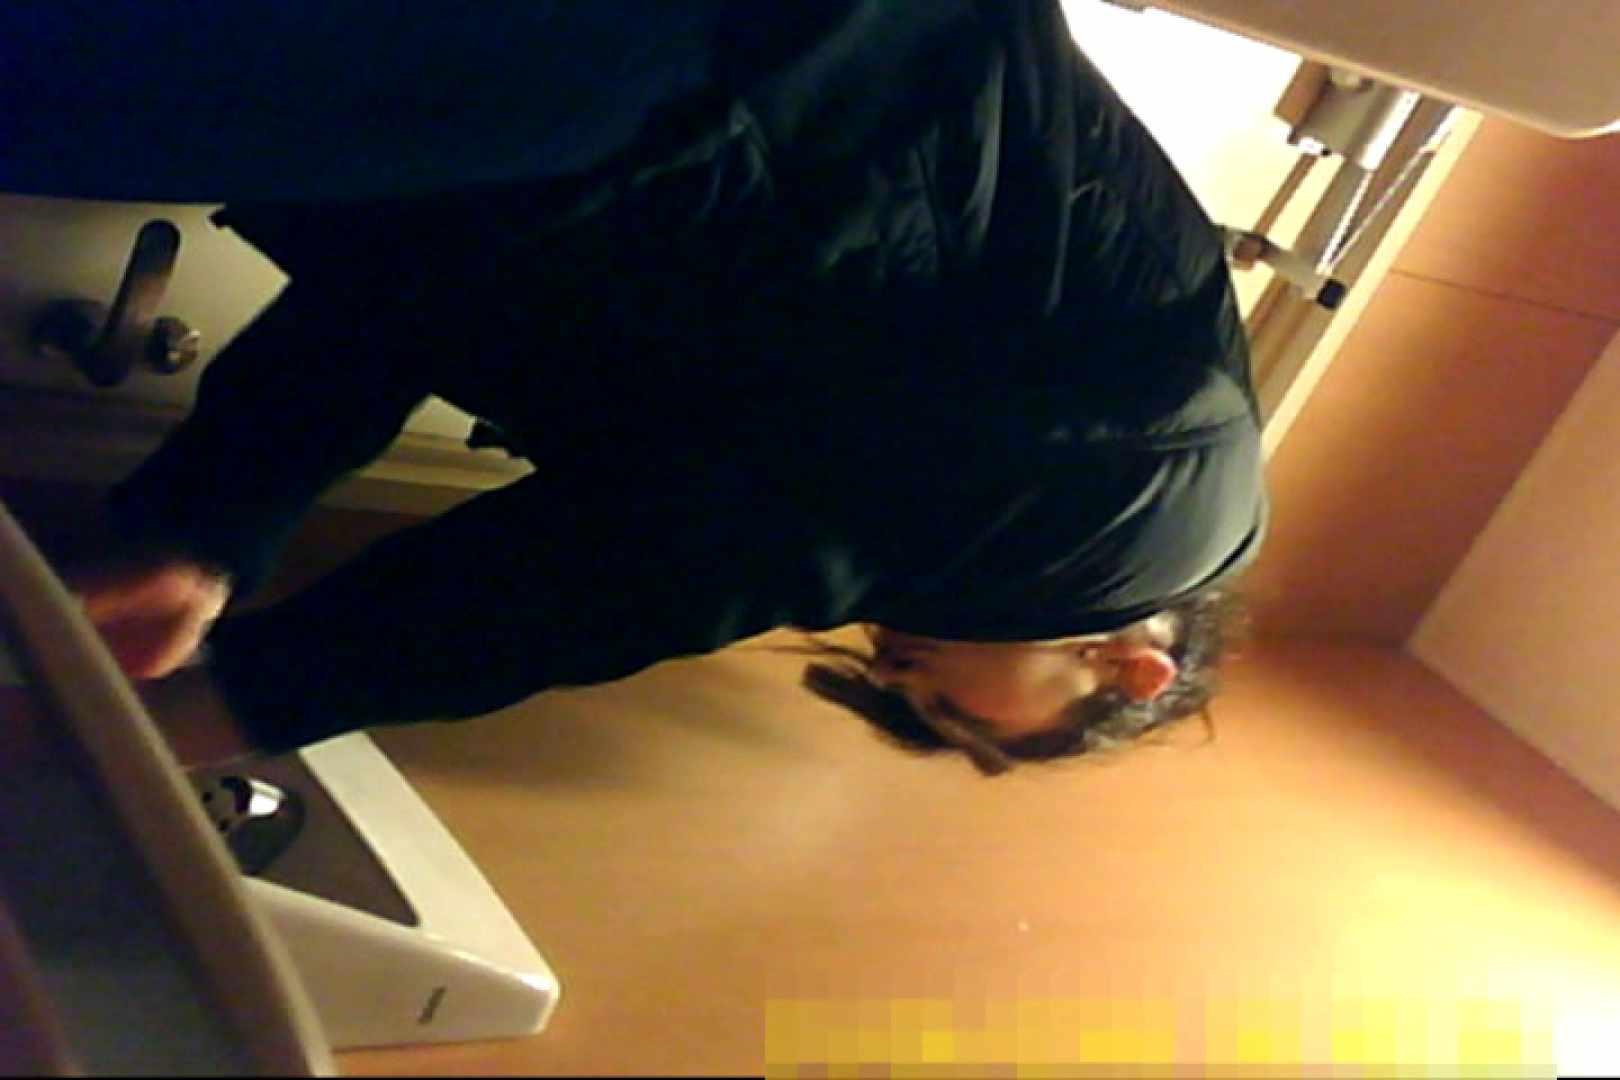 魅惑の化粧室~禁断のプライベート空間~22 盗撮 | チラ  75pic 42